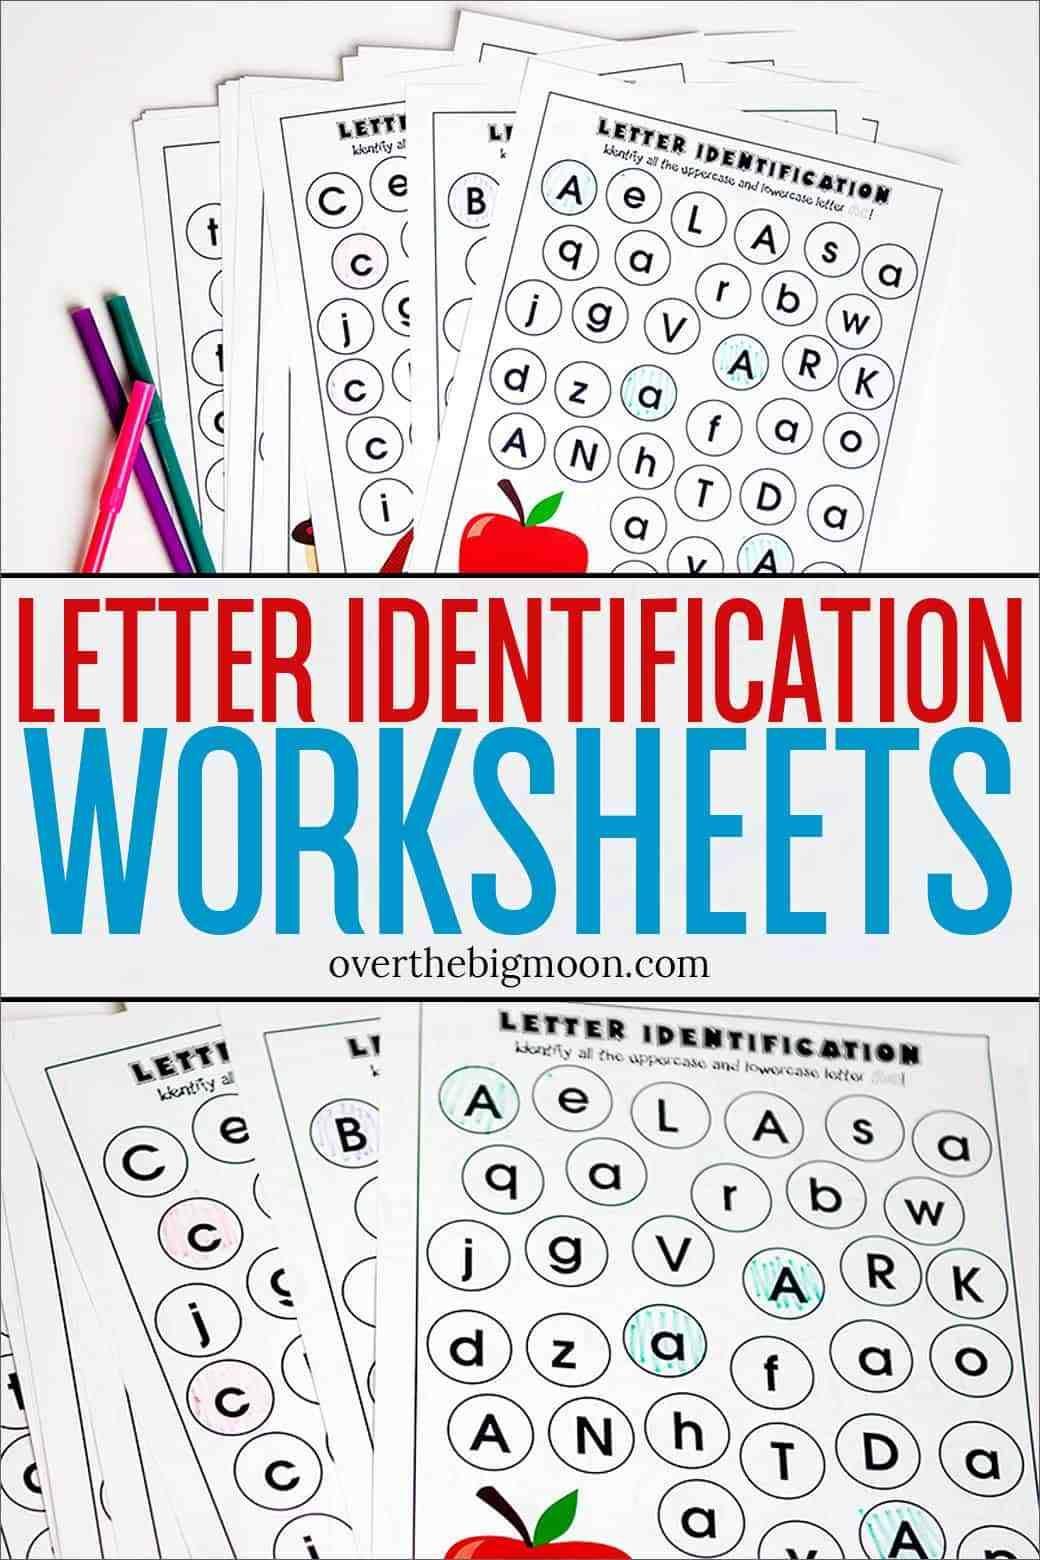 Letter Identification Printables Overthebigmoon Com Letter Recognition Worksheets Letter Identification Worksheets Letter Identification